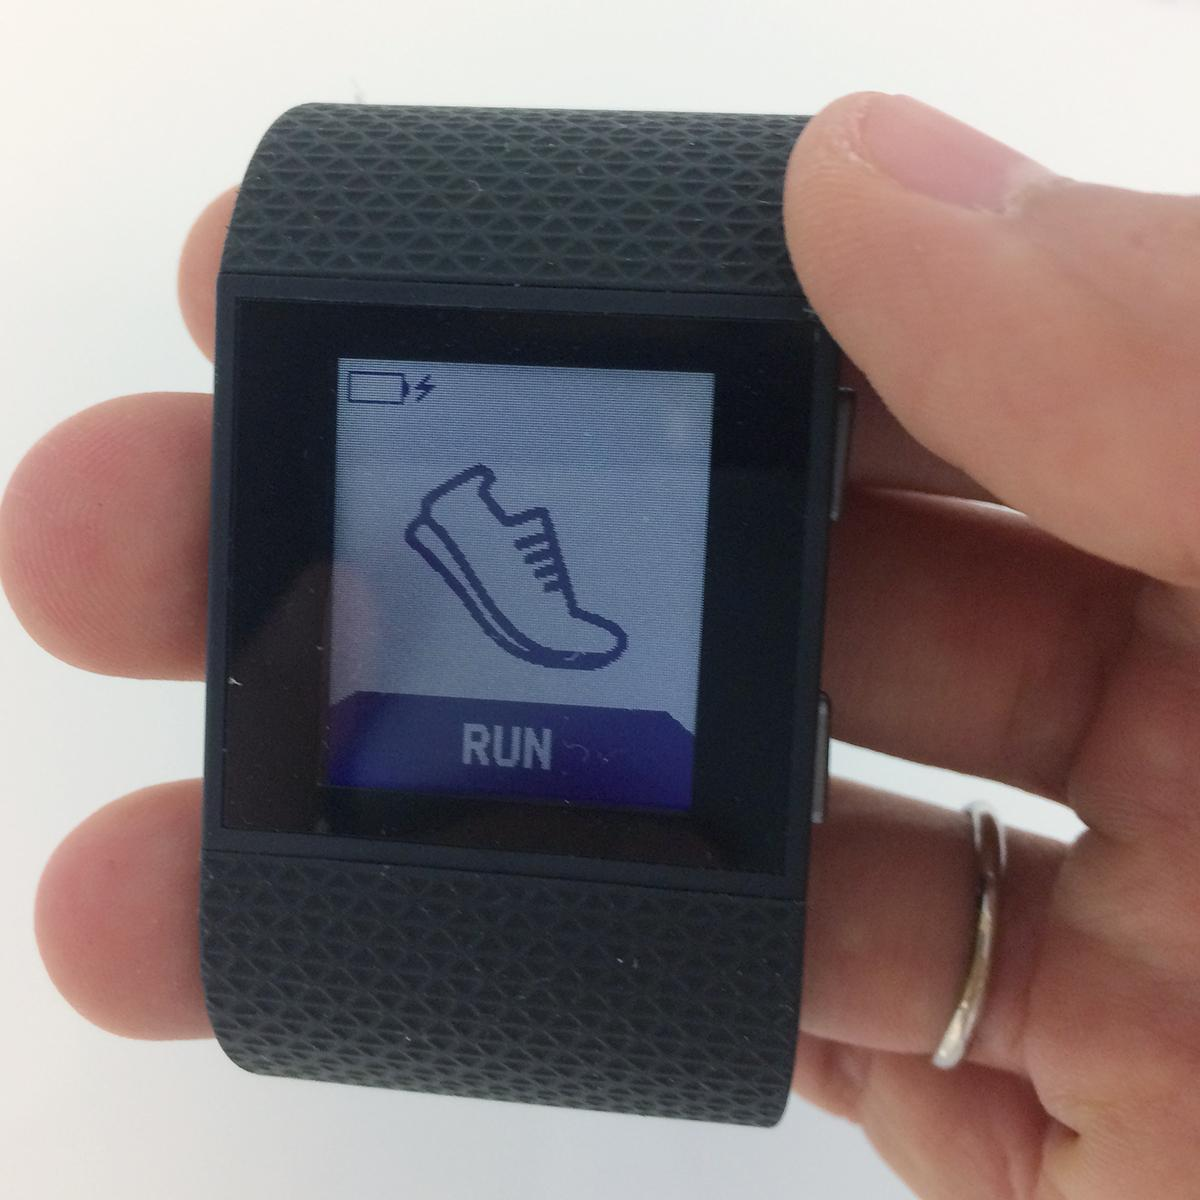 Fitbit Surge for Fitbit comparison